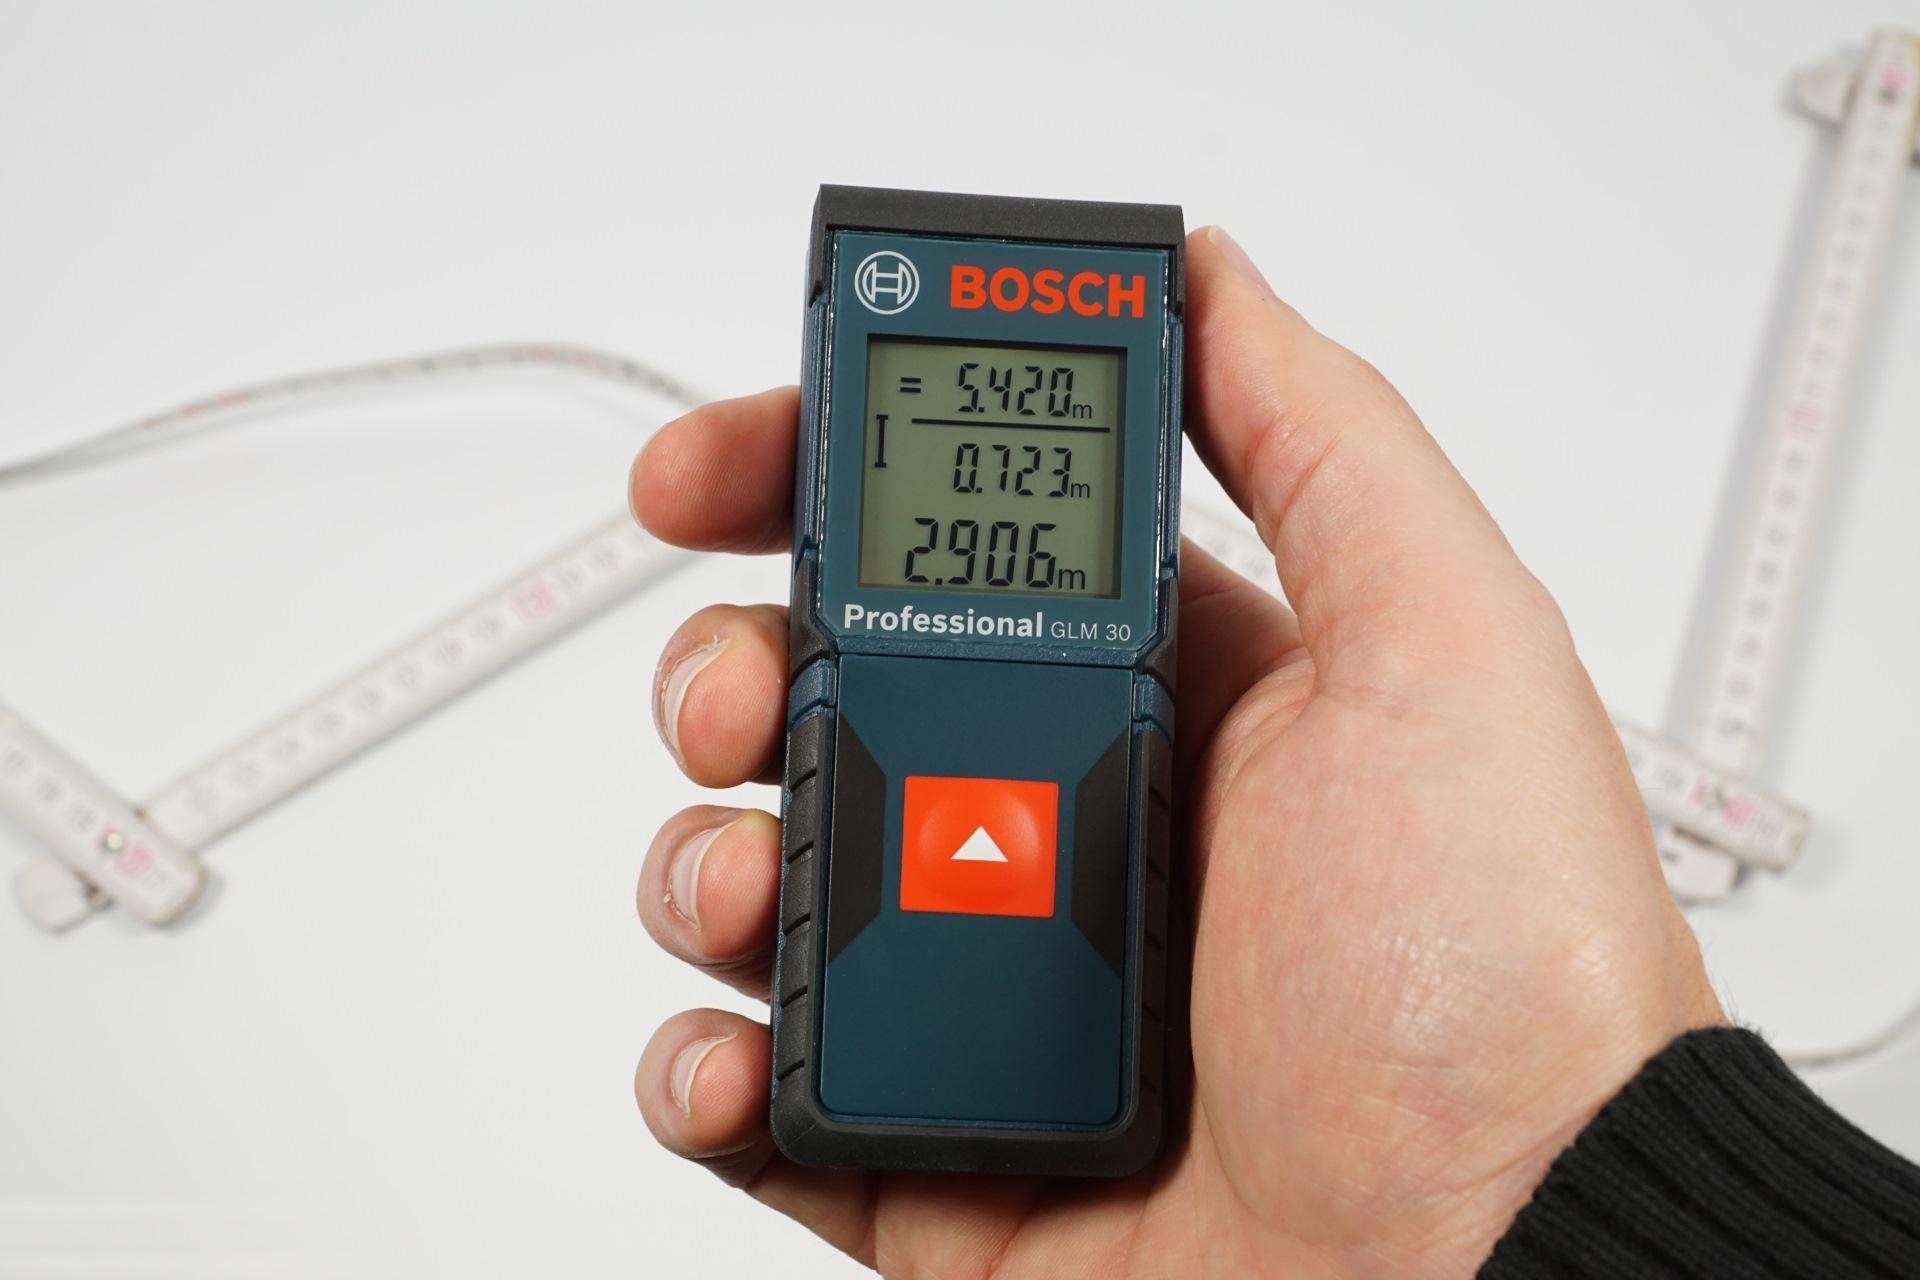 Bosch Entfernungsmesser Glm 100 C : Günstige laser entfernungsmesser von bosch und flex im test